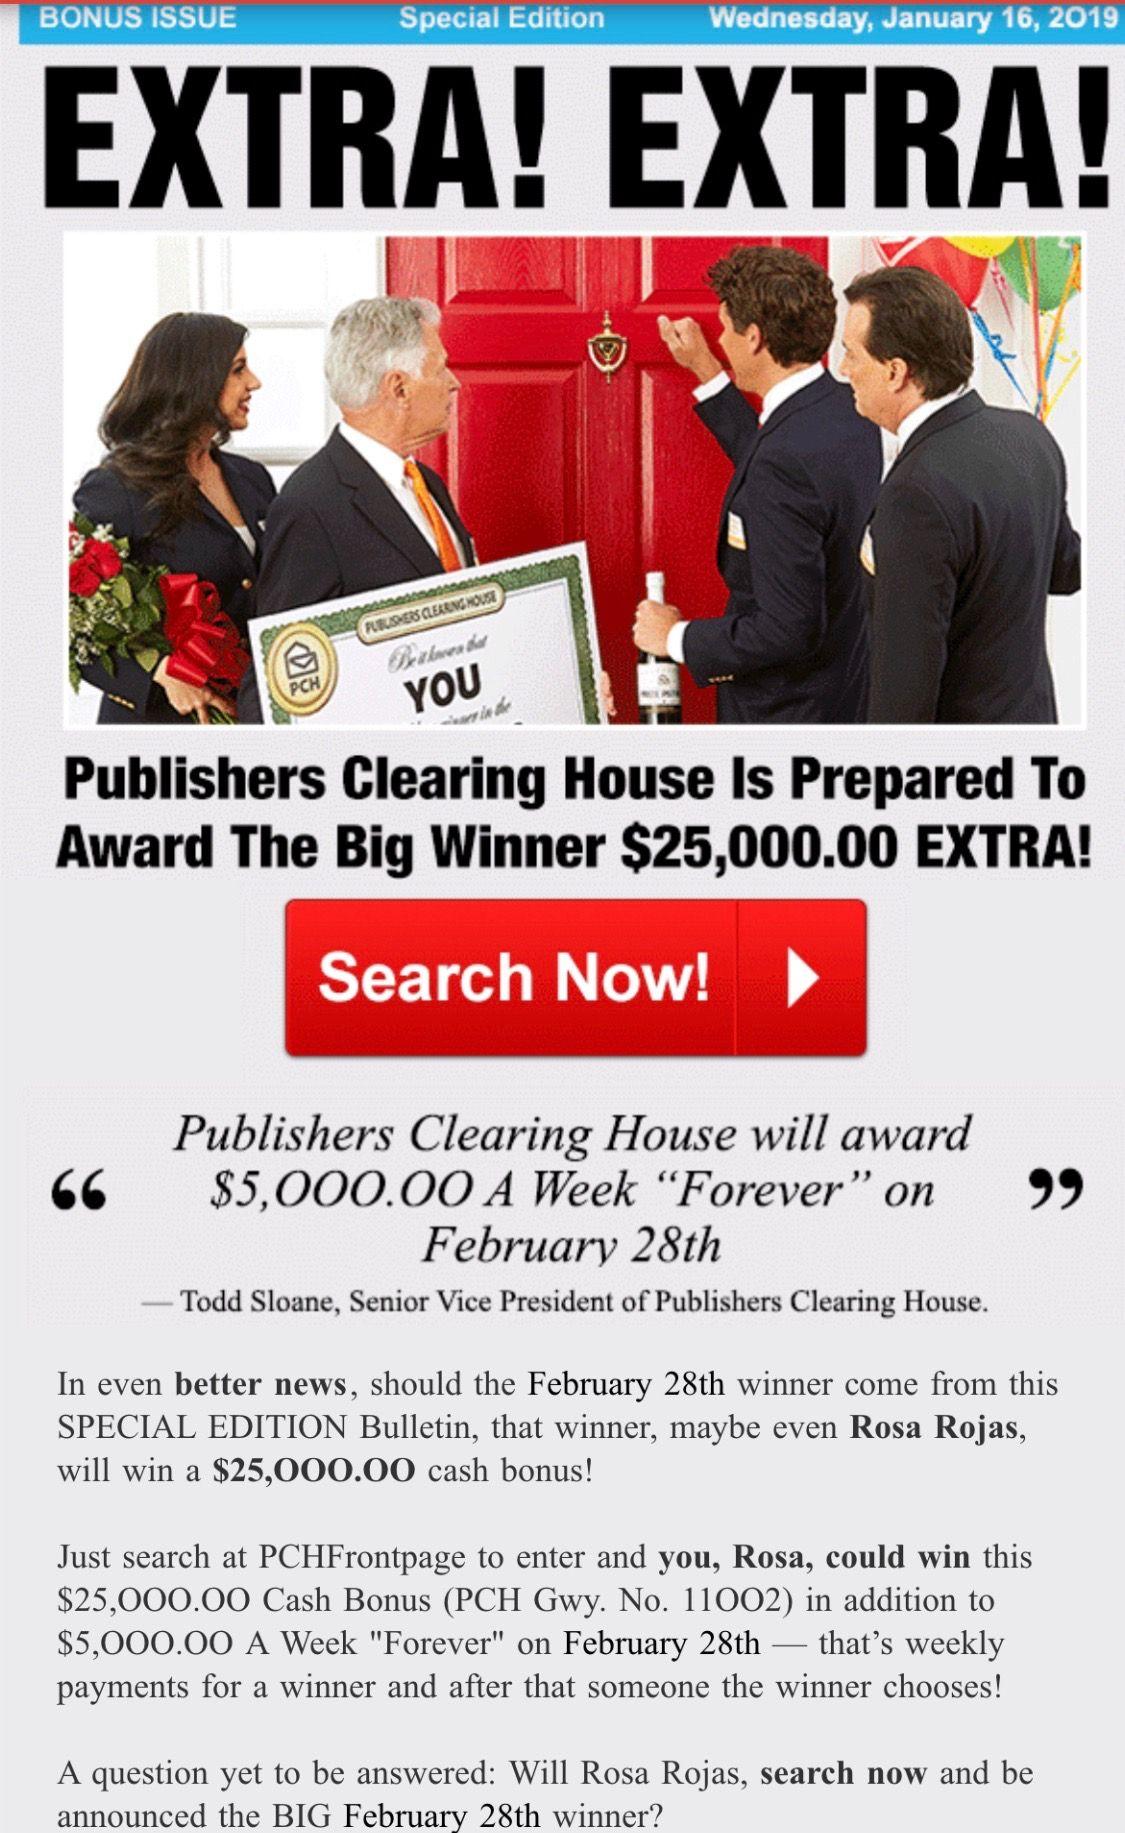 PCH EXTRA BONUS $25,000 00 GWY 11002 + $5,000 00 a week forever GWY